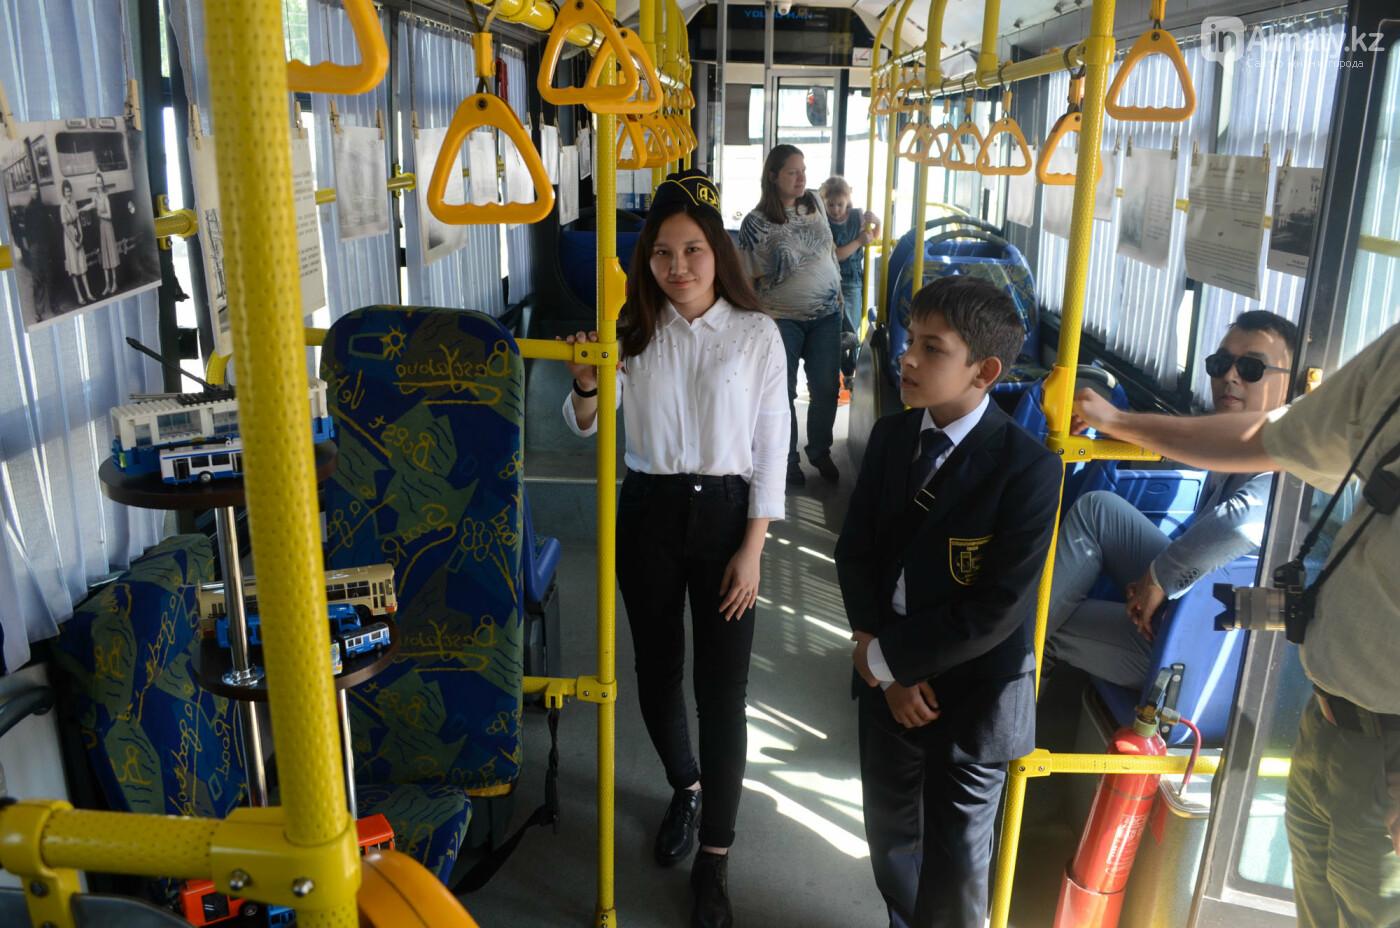 Юбилей троллейбуса отметили в Алматы (фото), фото-8